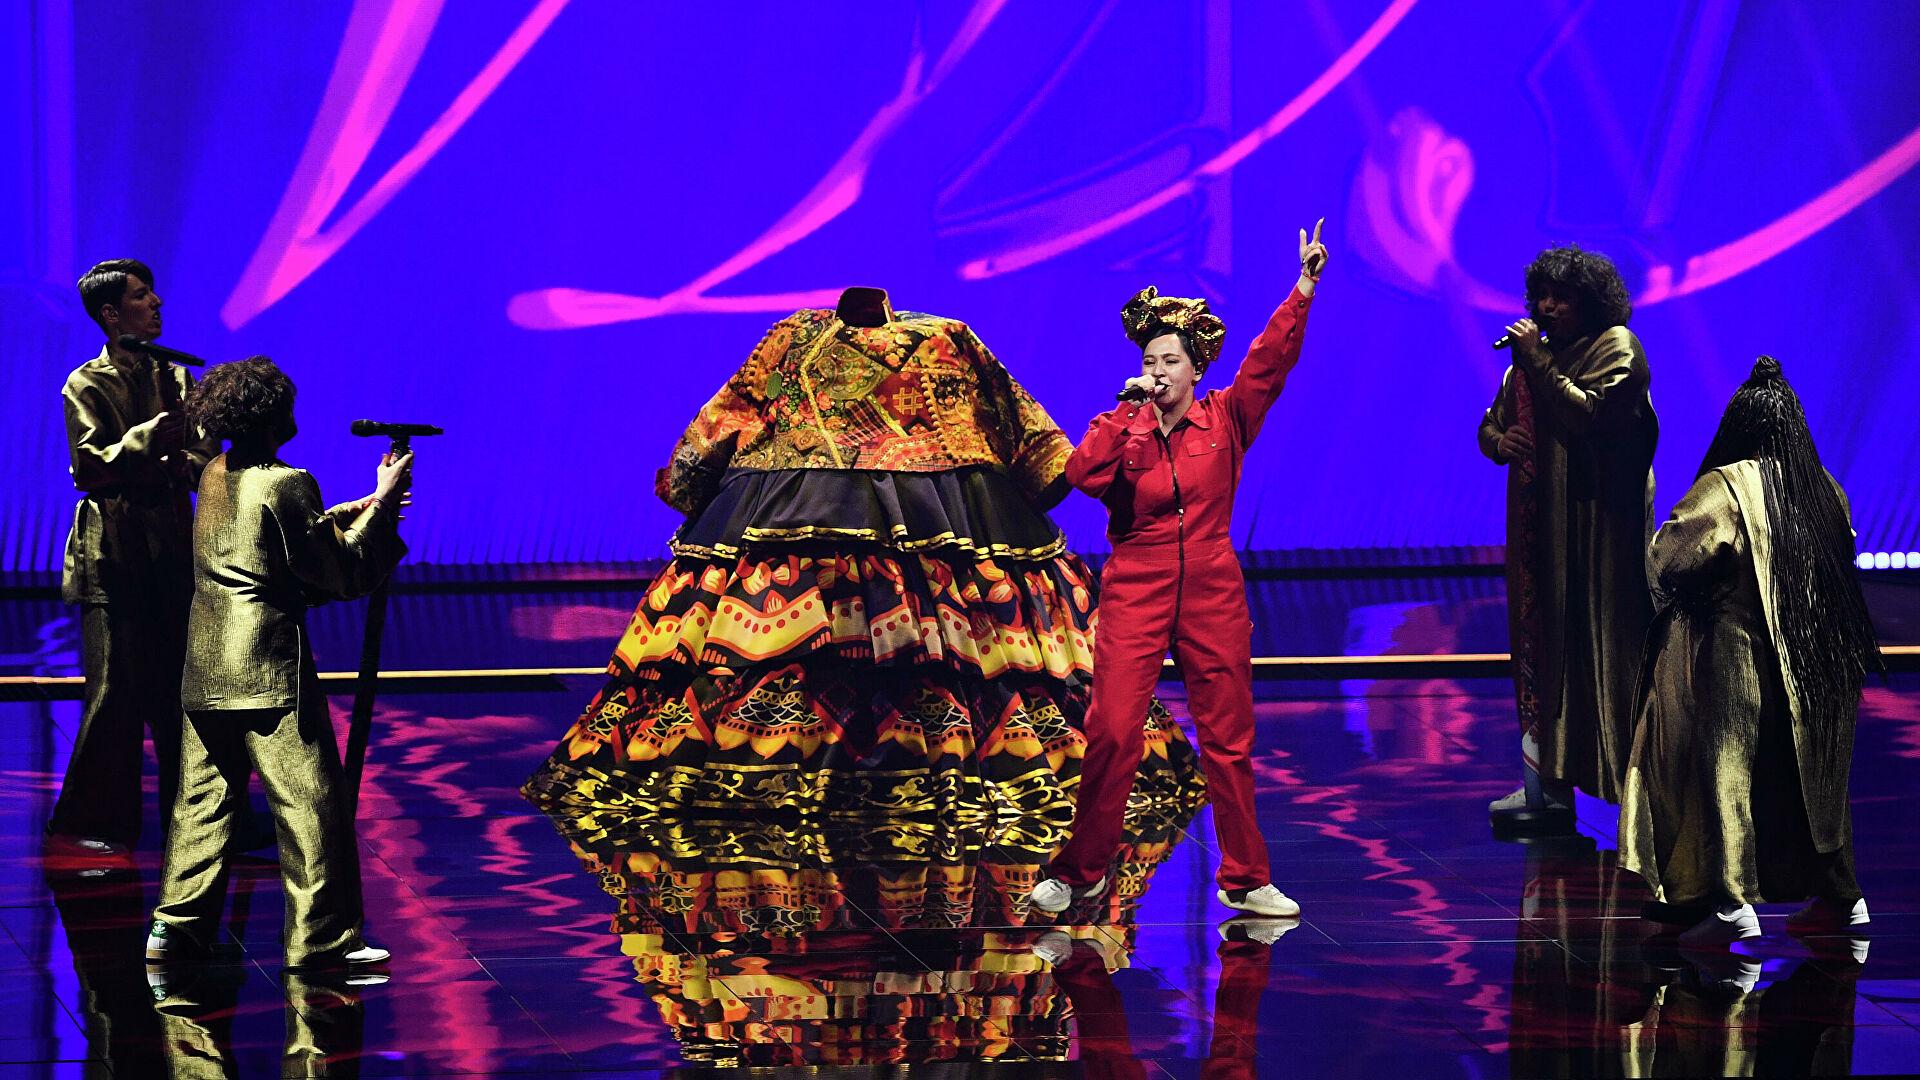 Какое место заняла Россия на Евровидение